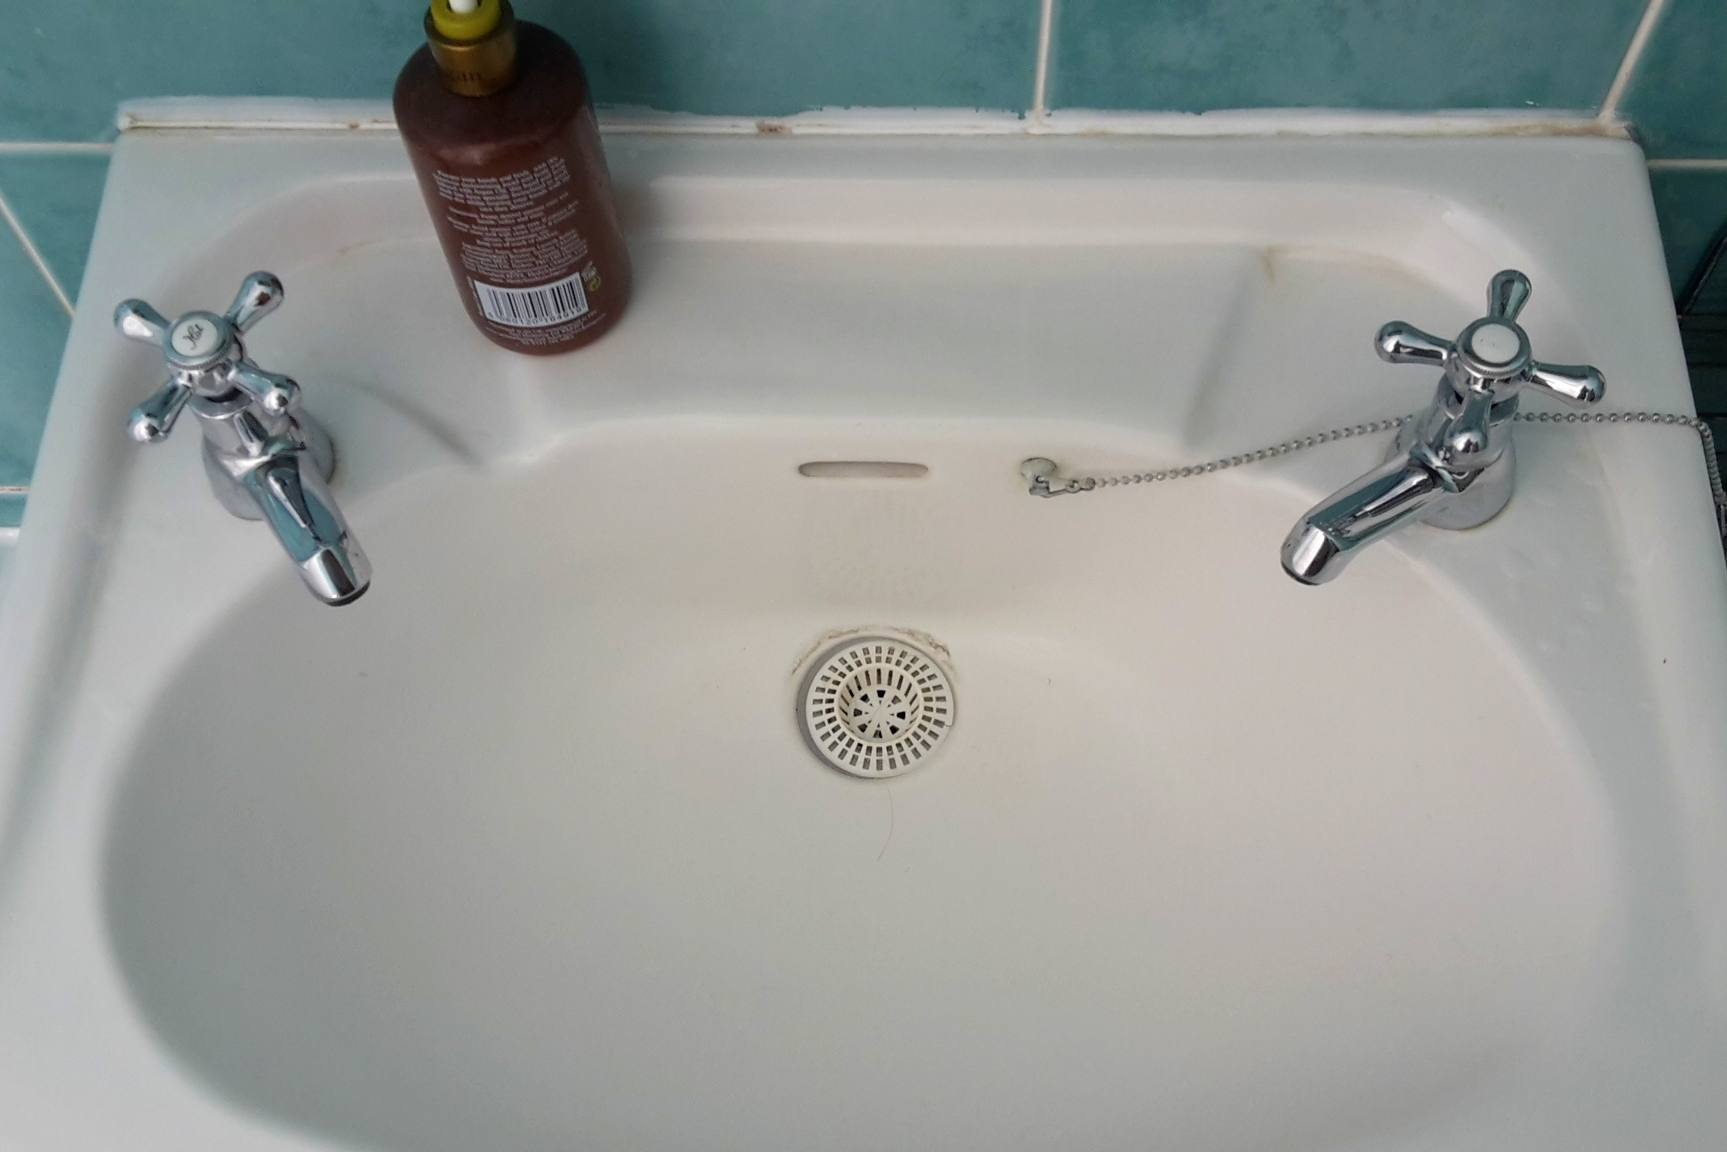 Englische Waschbecken als verwaltungsfachangestellte in portsmouth rica viering